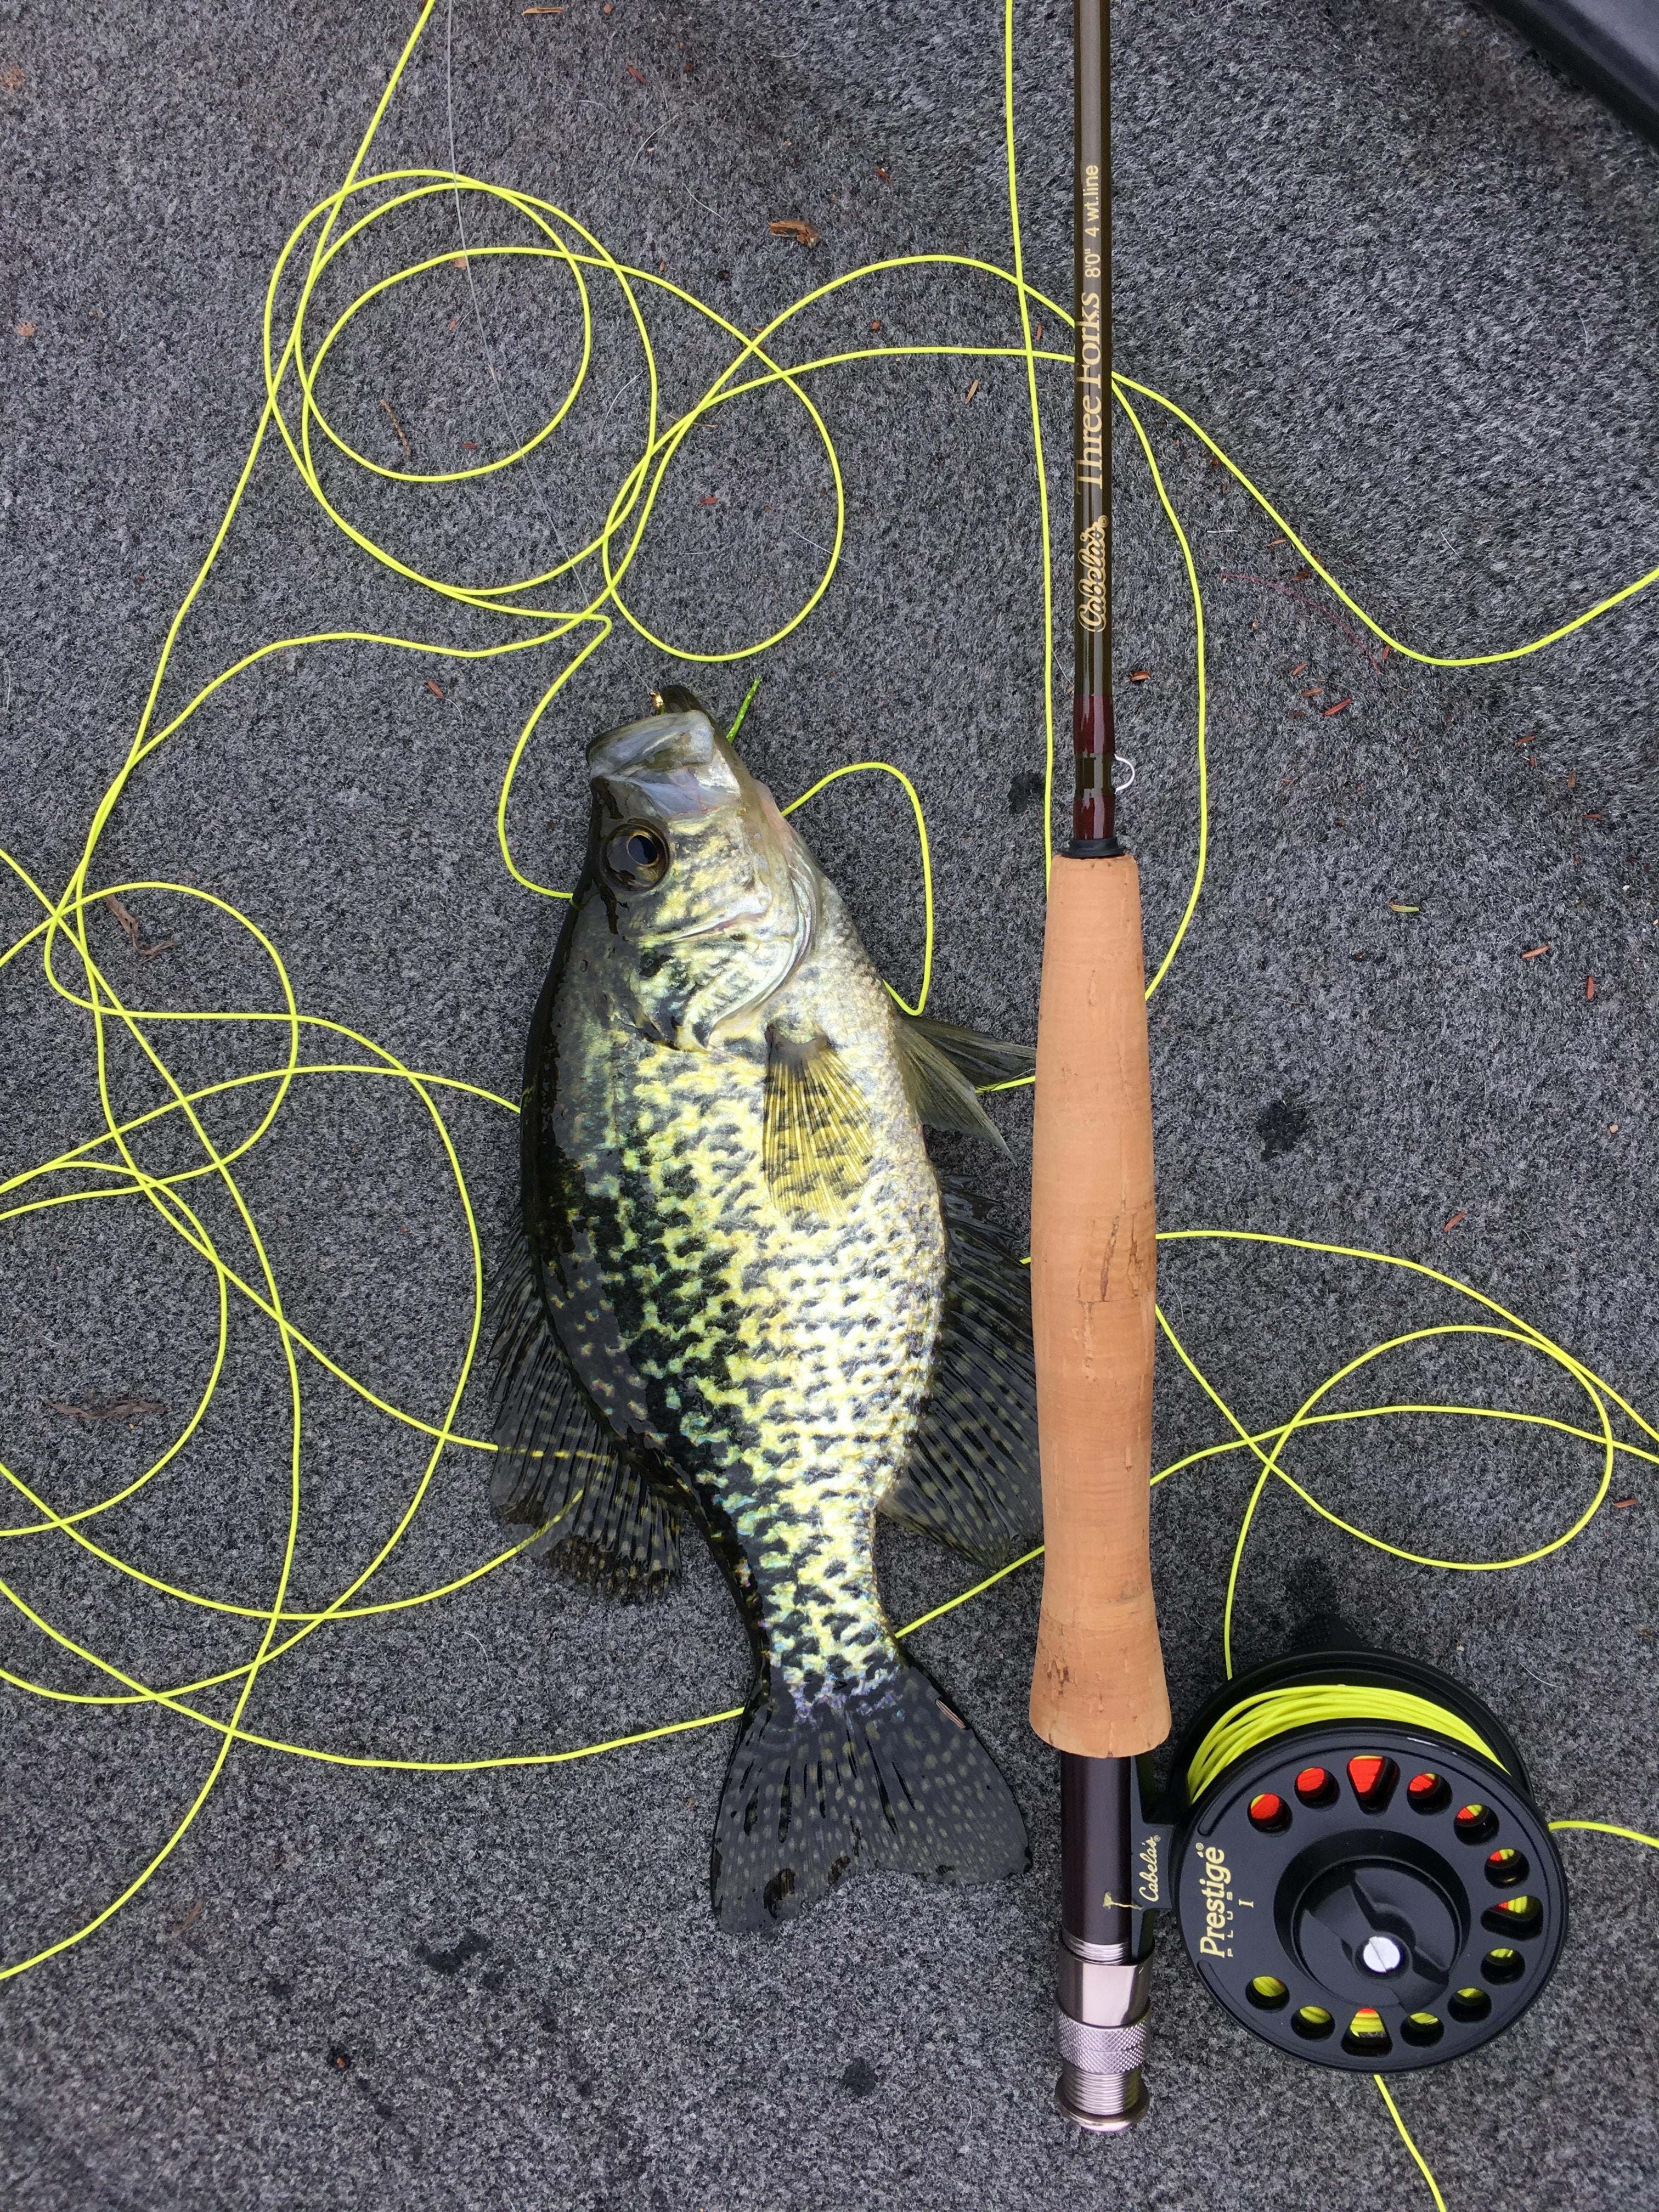 brown bass fish beside rod